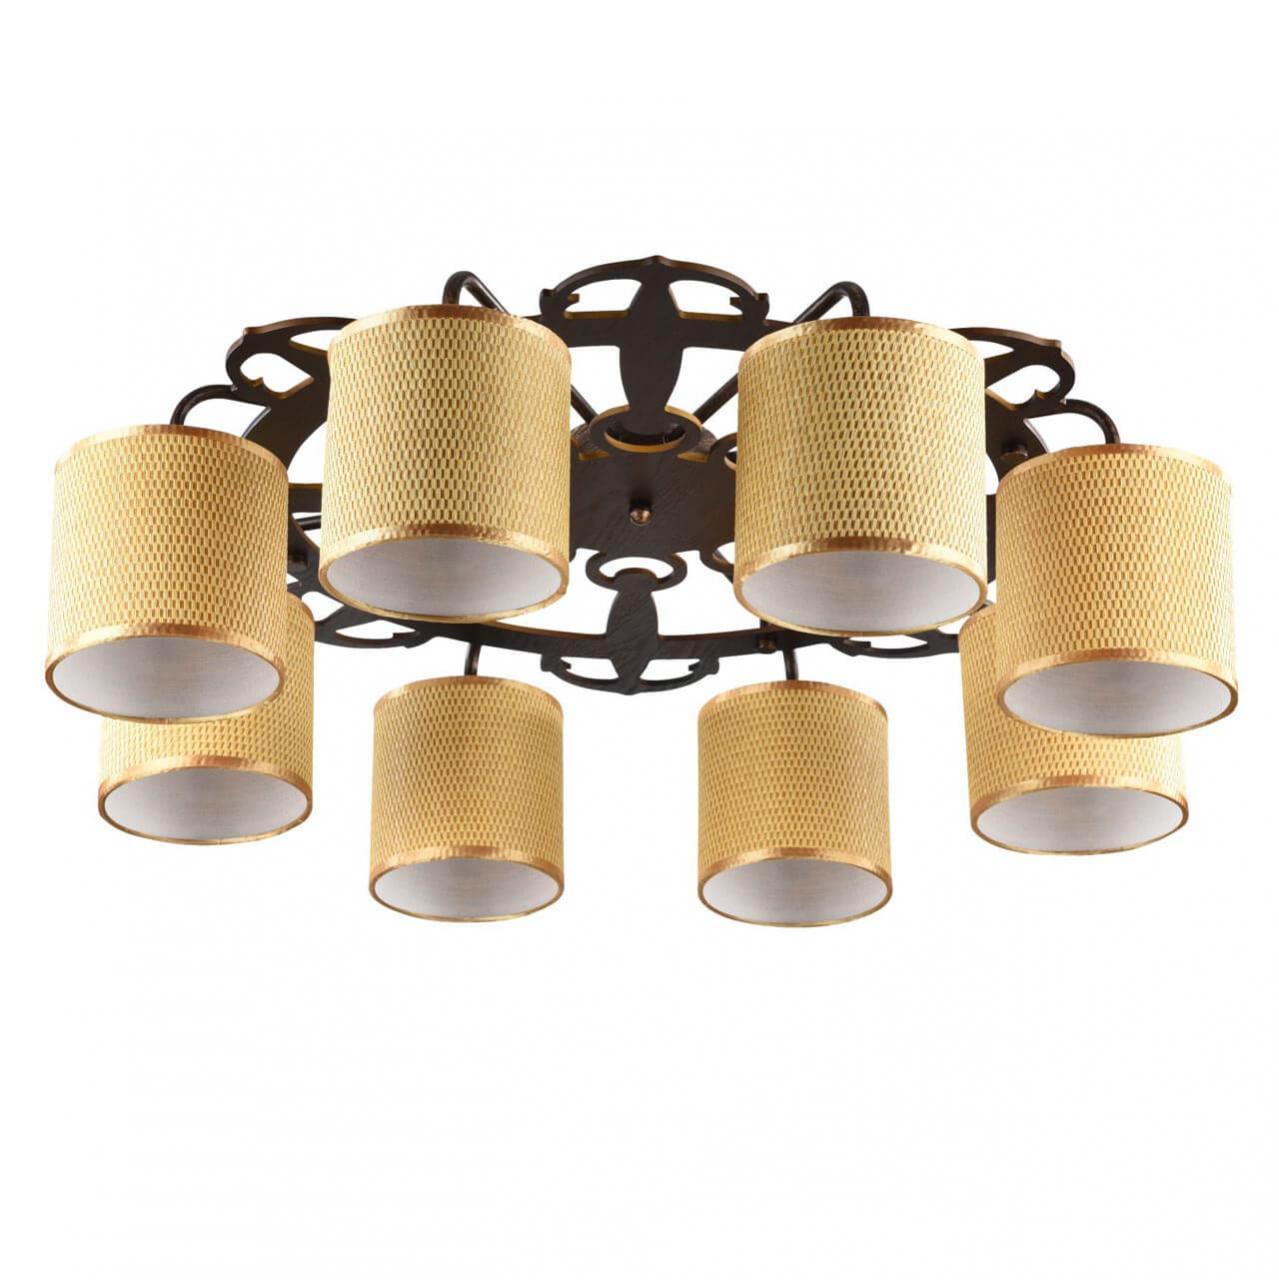 Потолочный светильник Freya FR5100-CL-08-BR, E14, 40 Вт потолочная люстра freya fr5100 cl 08 br